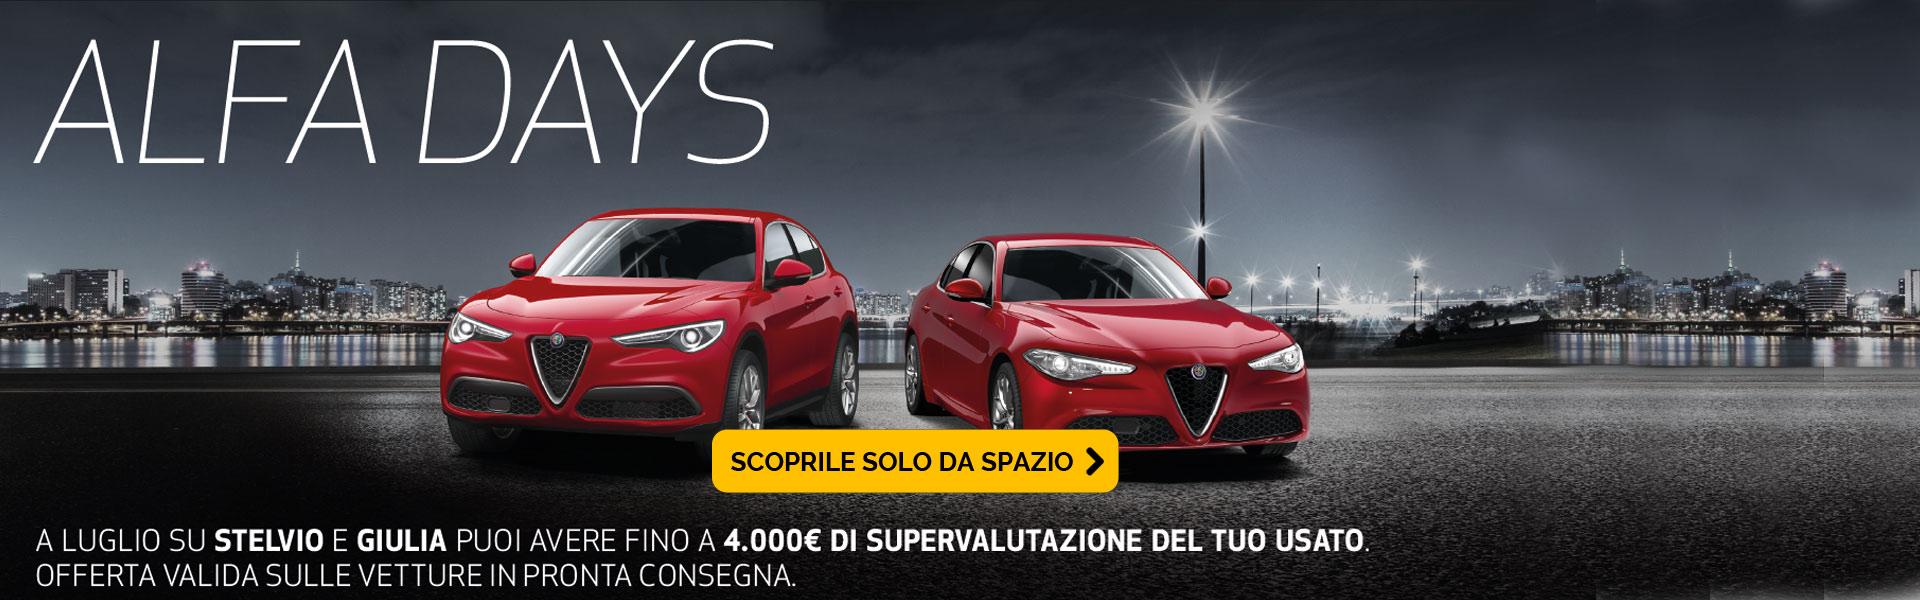 Supervalutazione del tuo usato su Alfa Stelvio e Giulia